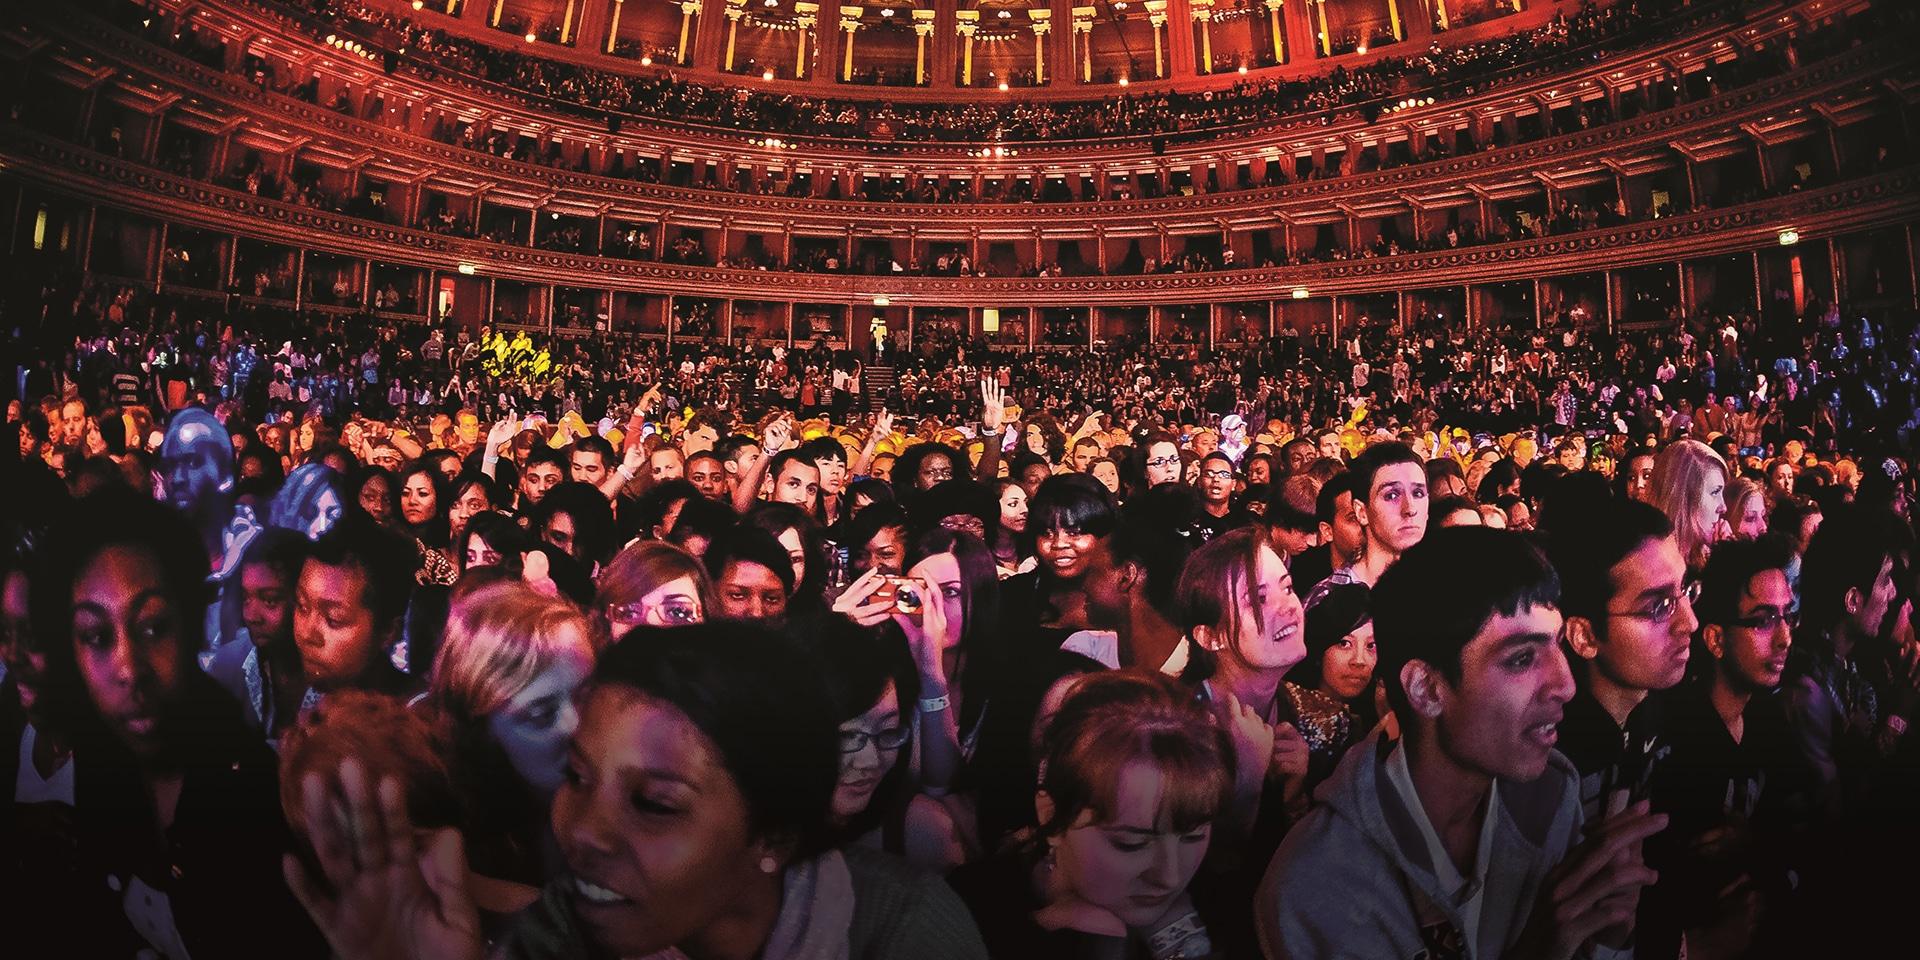 Royal Albert Hall: The Big 150